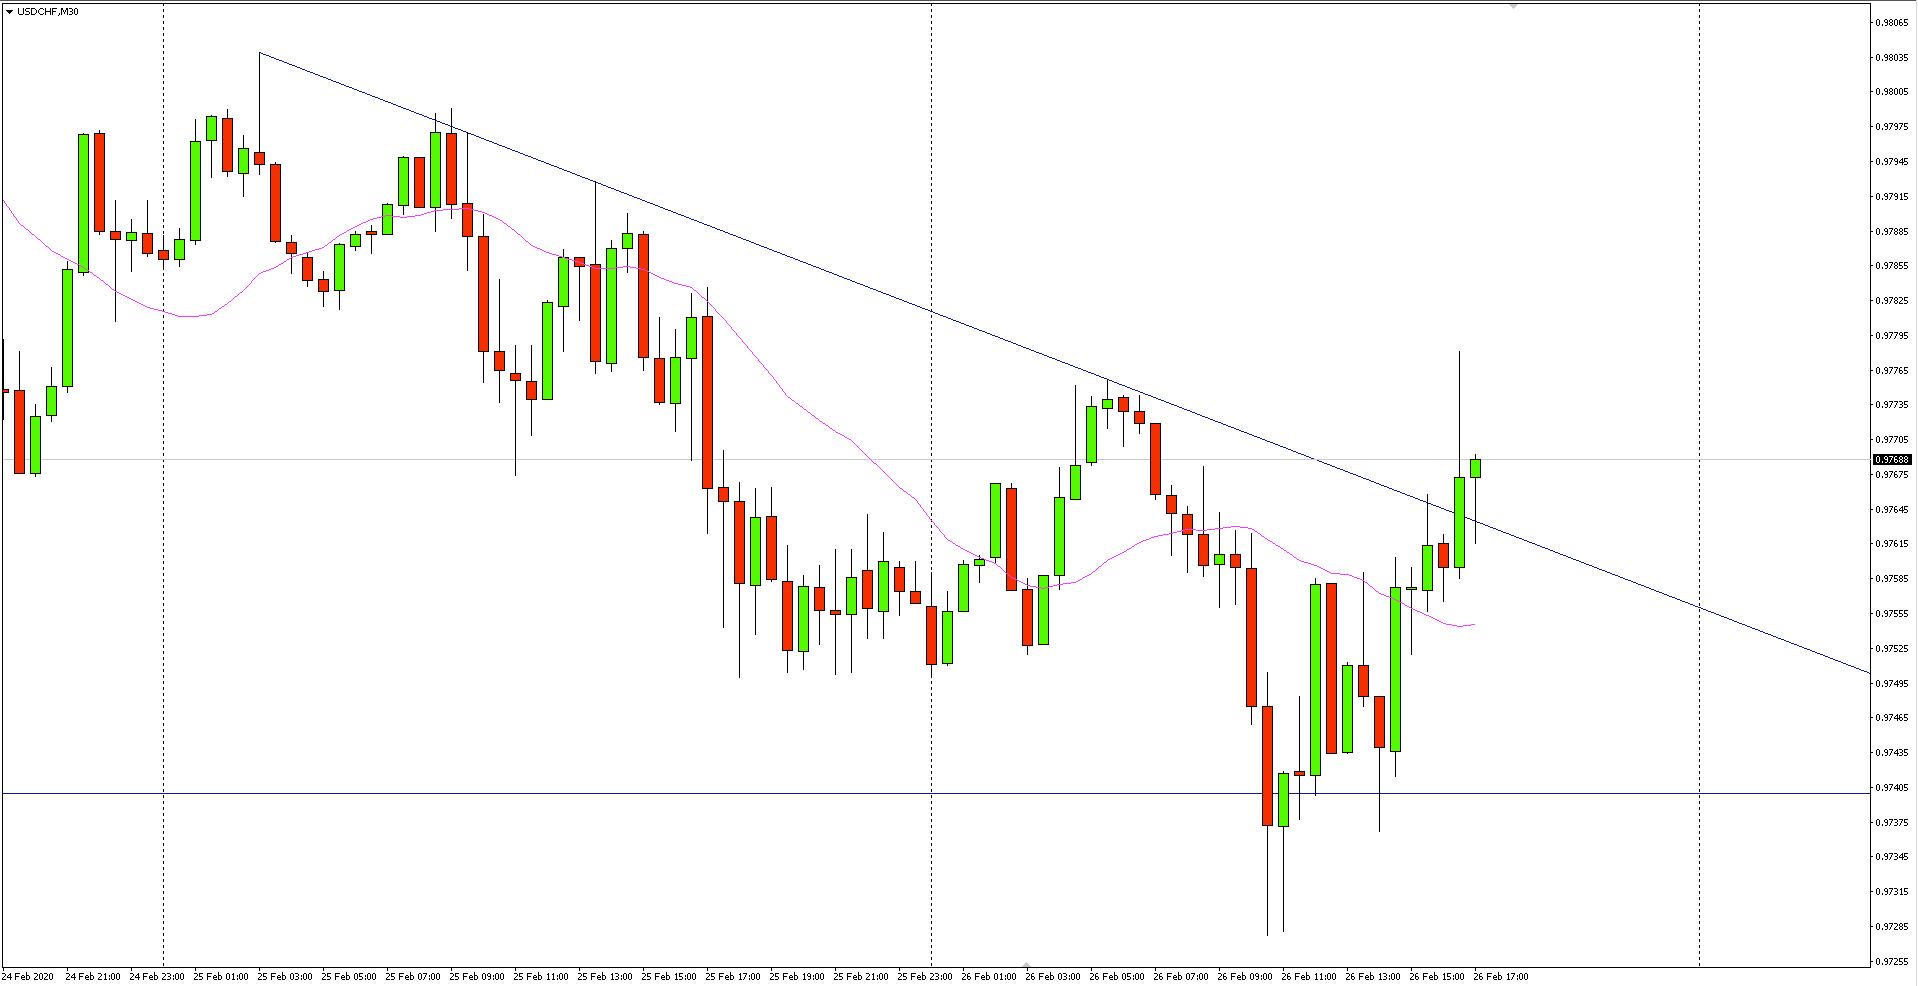 Wykres 30-minutowy pary walutowej USDCHF - 26 lutego 2020 r.